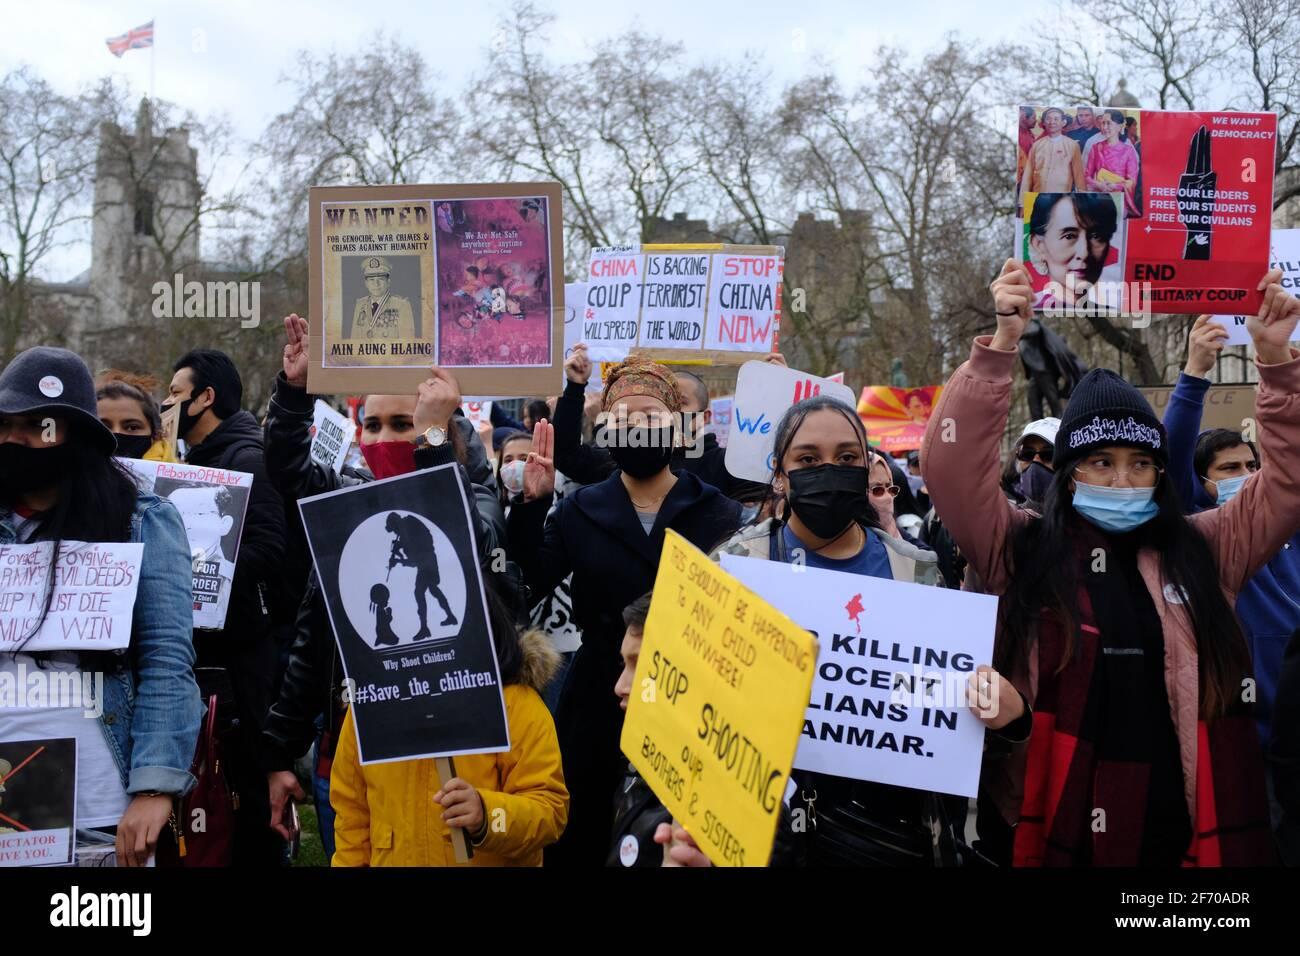 LONDON - 3. APRIL 2021: Demonstranten auf dem Parliament Square gegen den chinesischen und russischen Militärputsch in Myanmar, Burma, unterstützten. Stockfoto